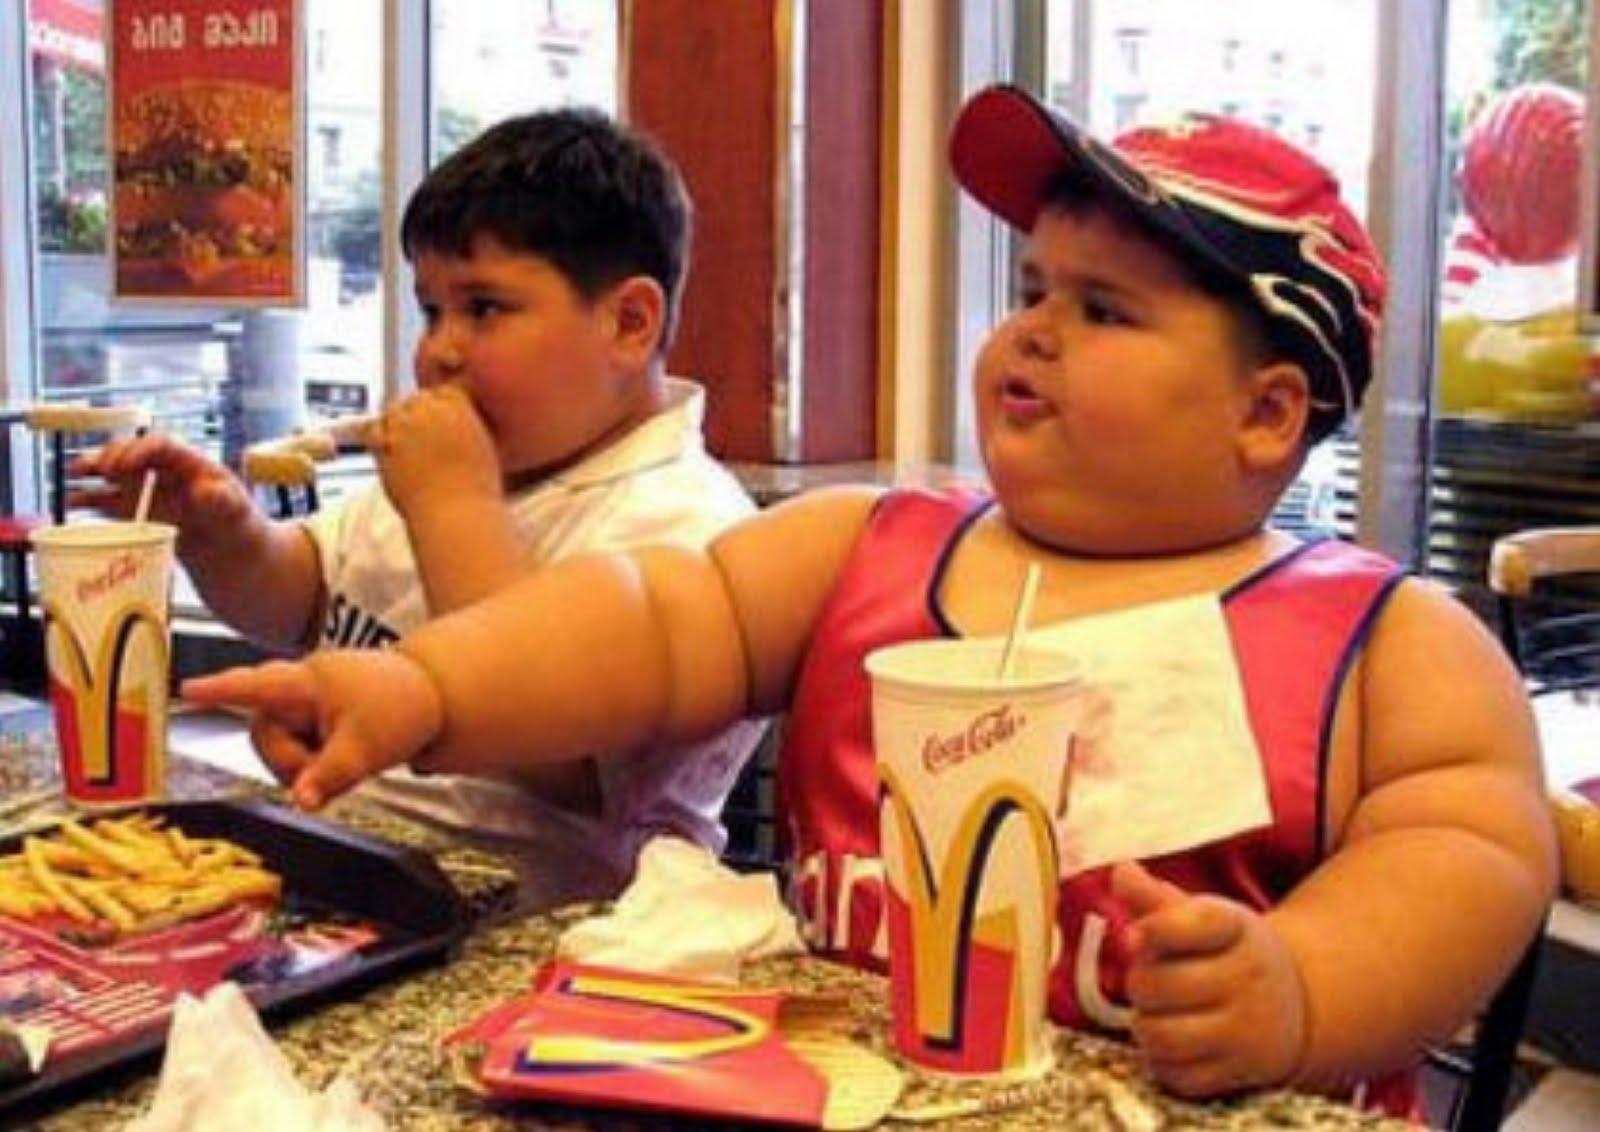 fat-kid-mcdonalds-769134-769471.jpg